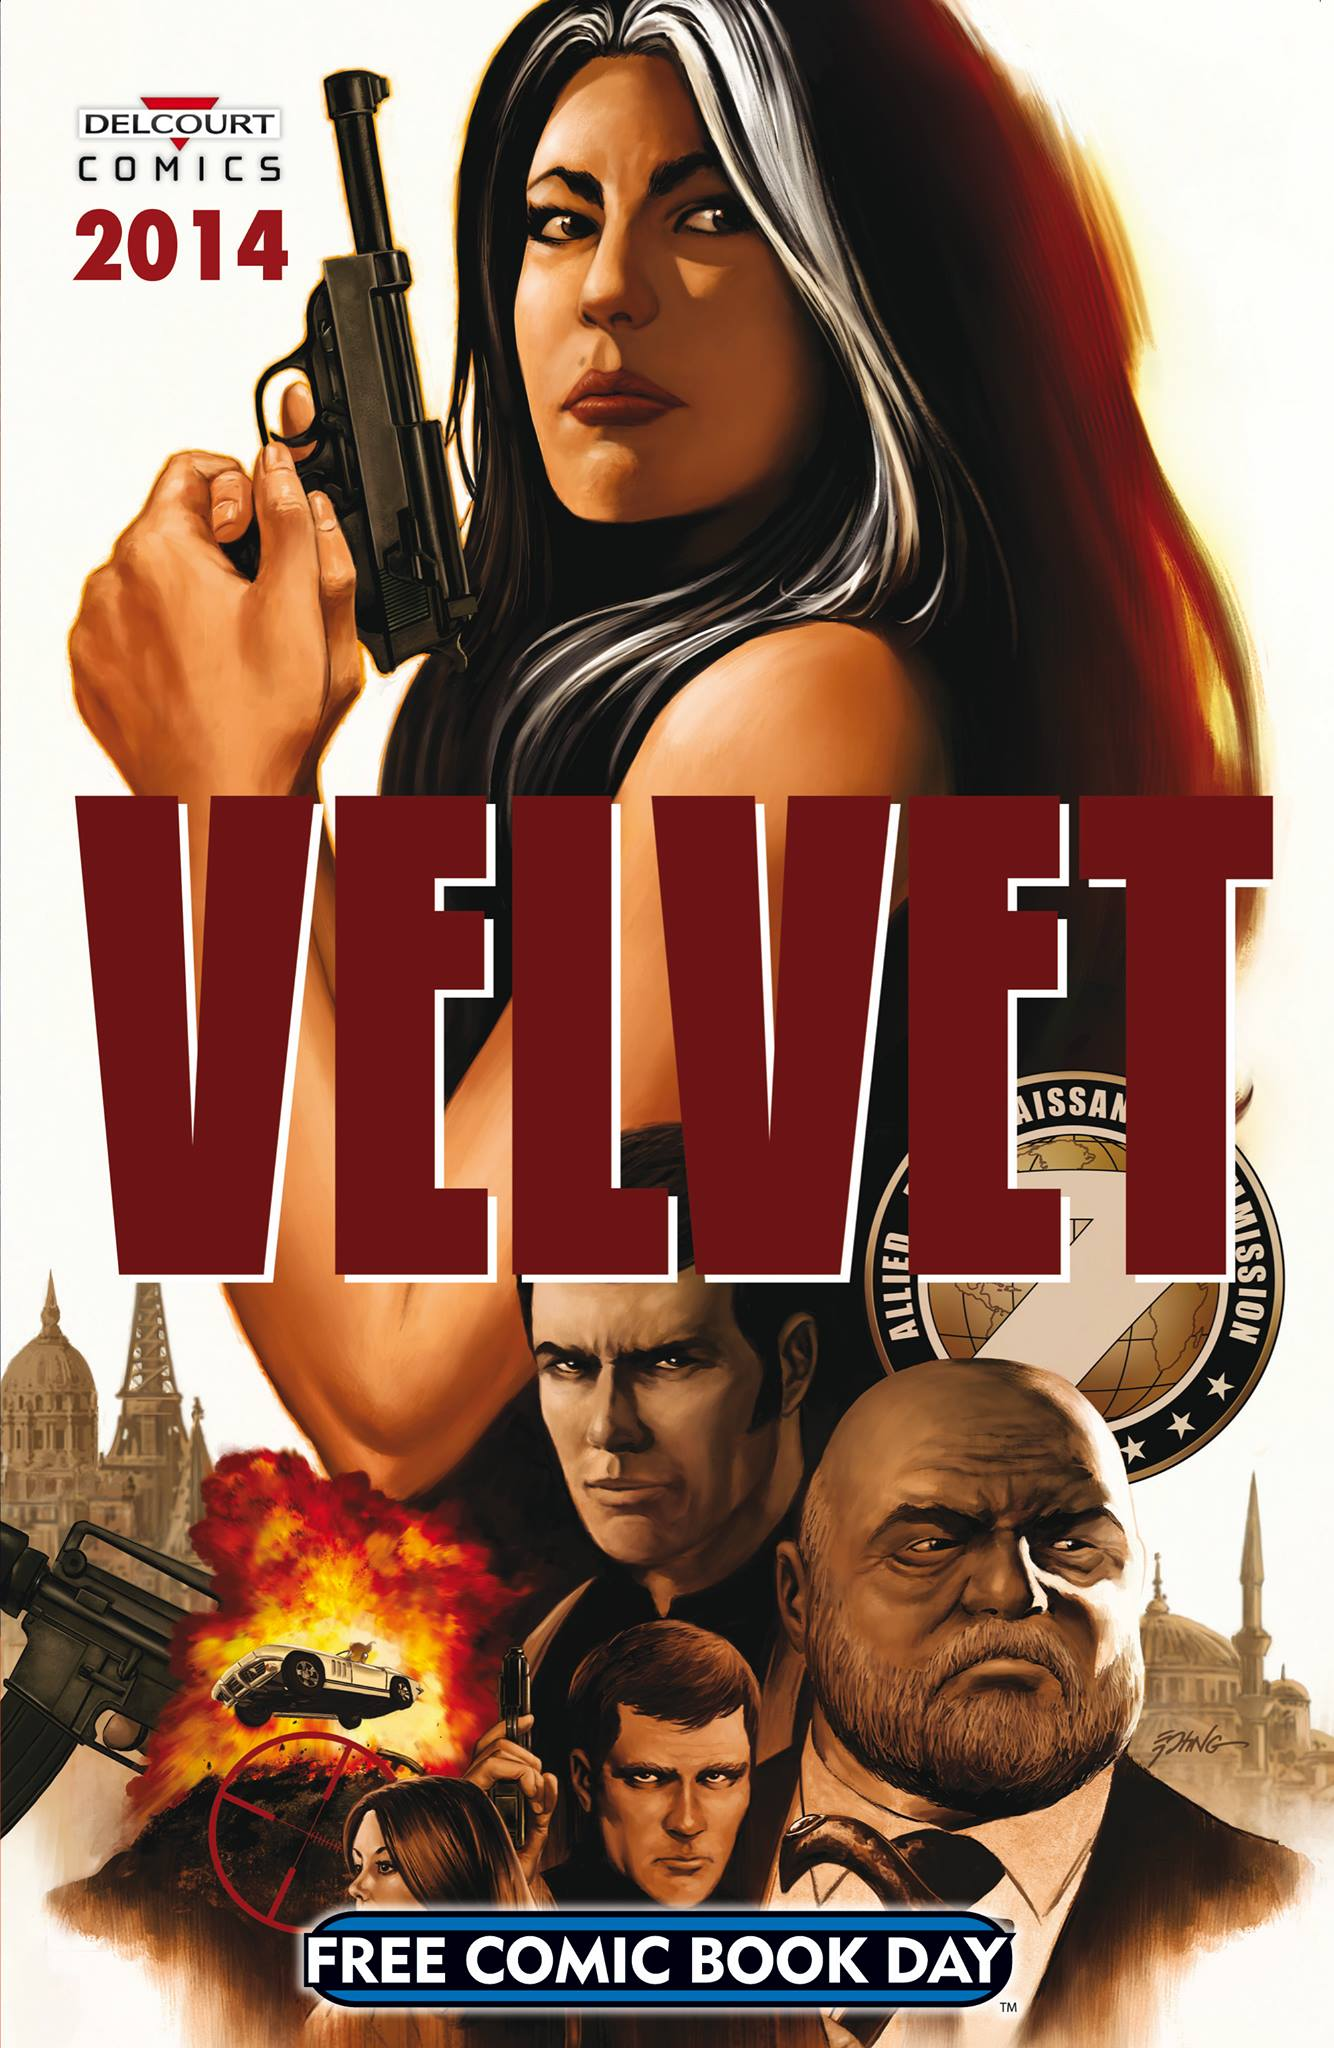 Velvet - Free Comic Book Day